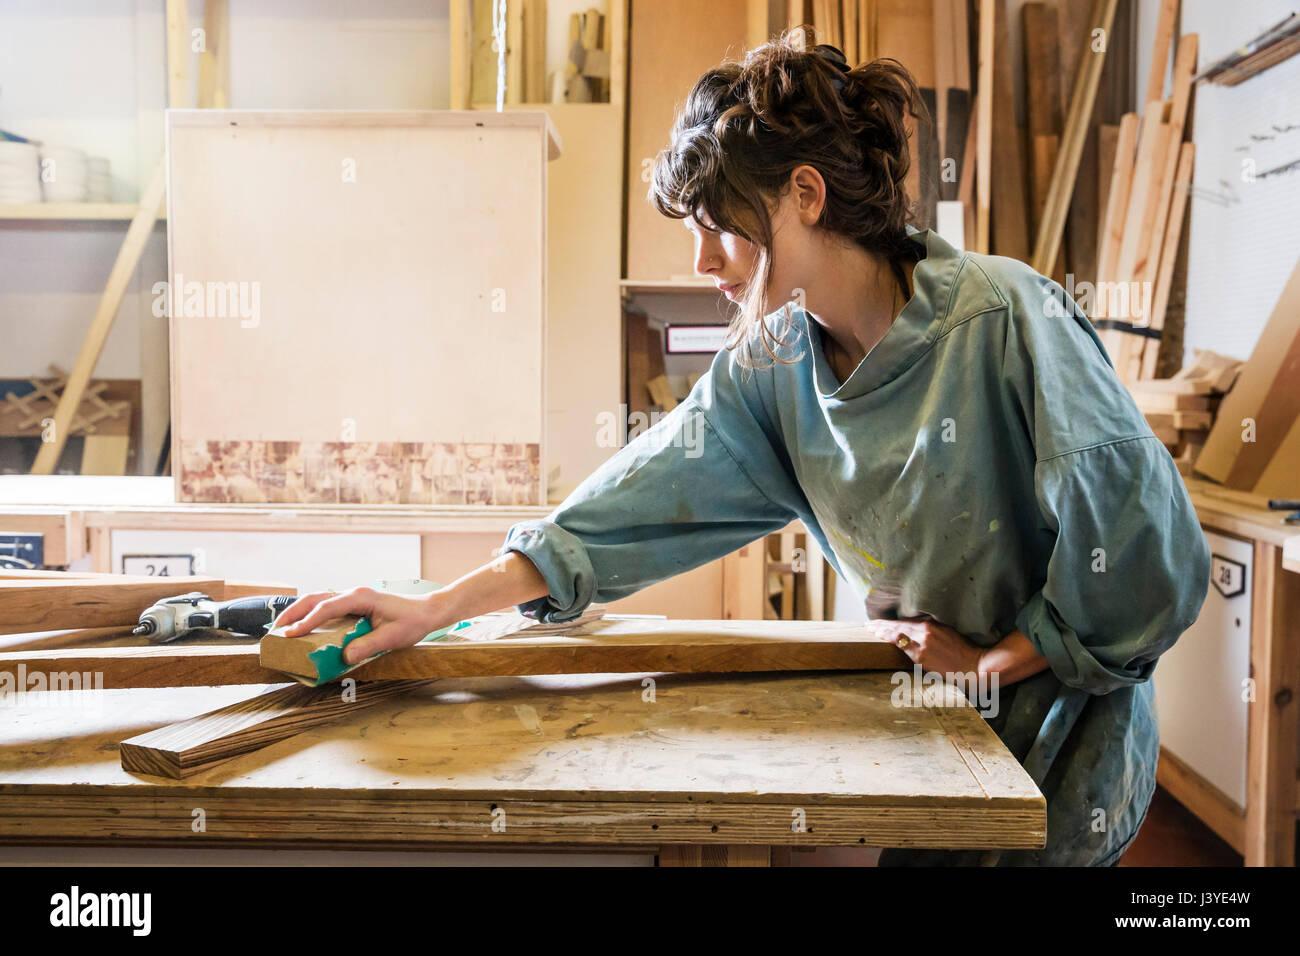 Junge Frau Schleifen Holz in einem workshop Stockbild